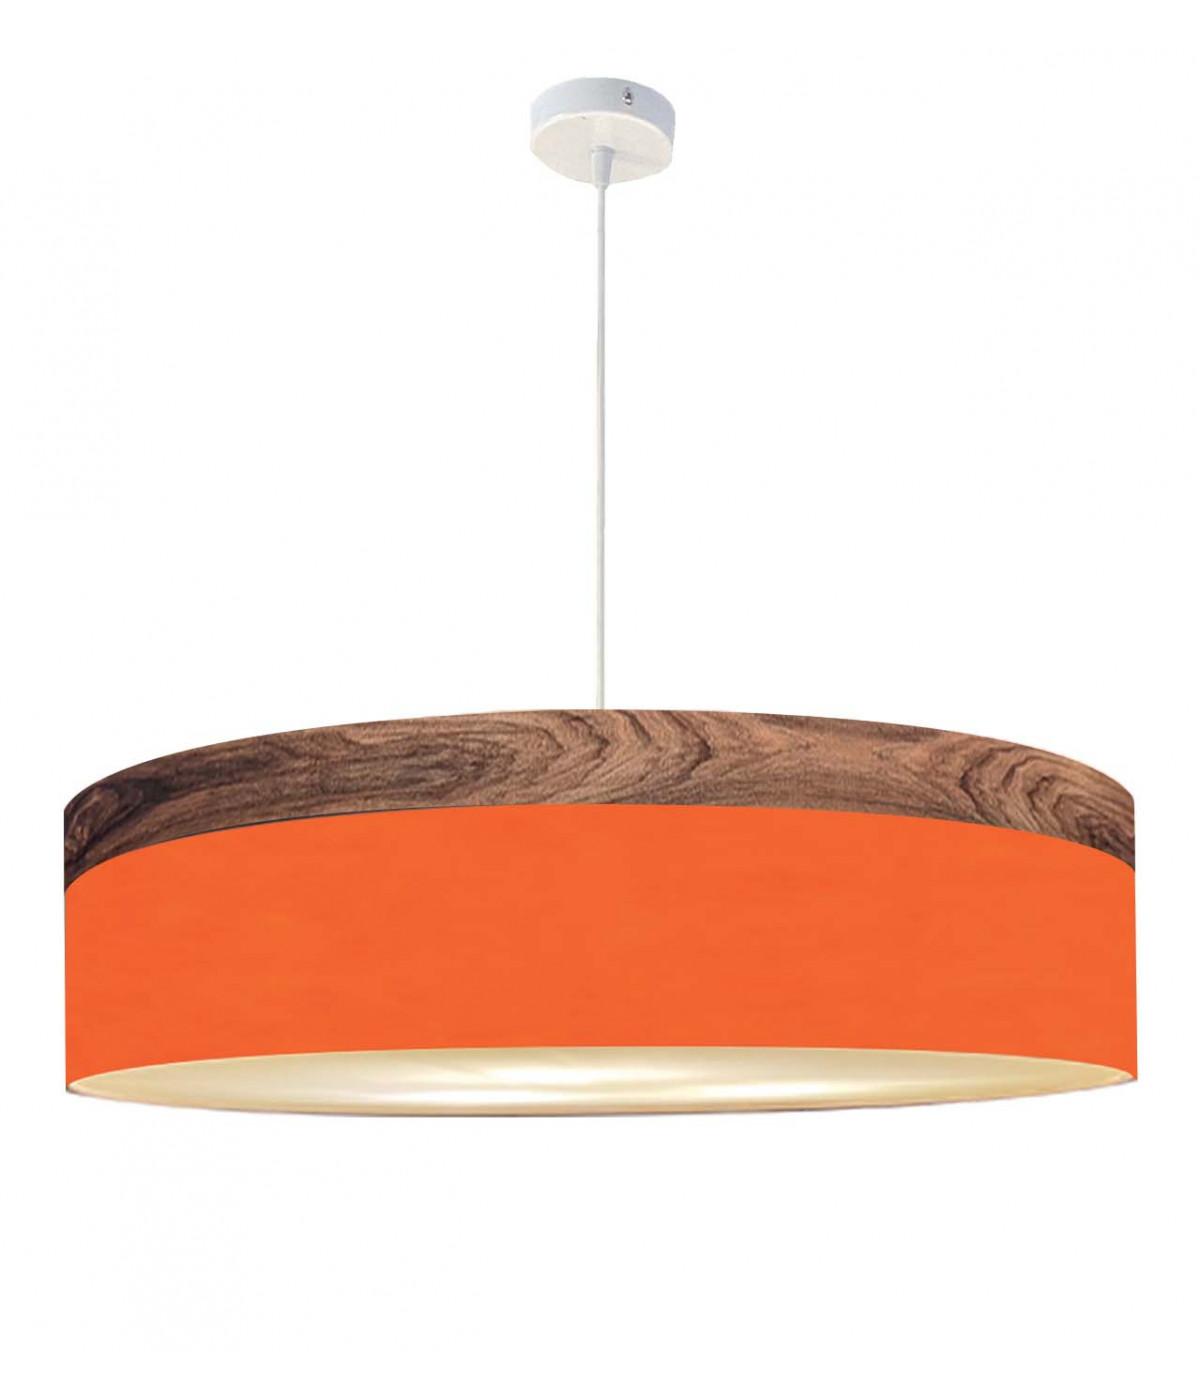 Suspension orange d 65 cm